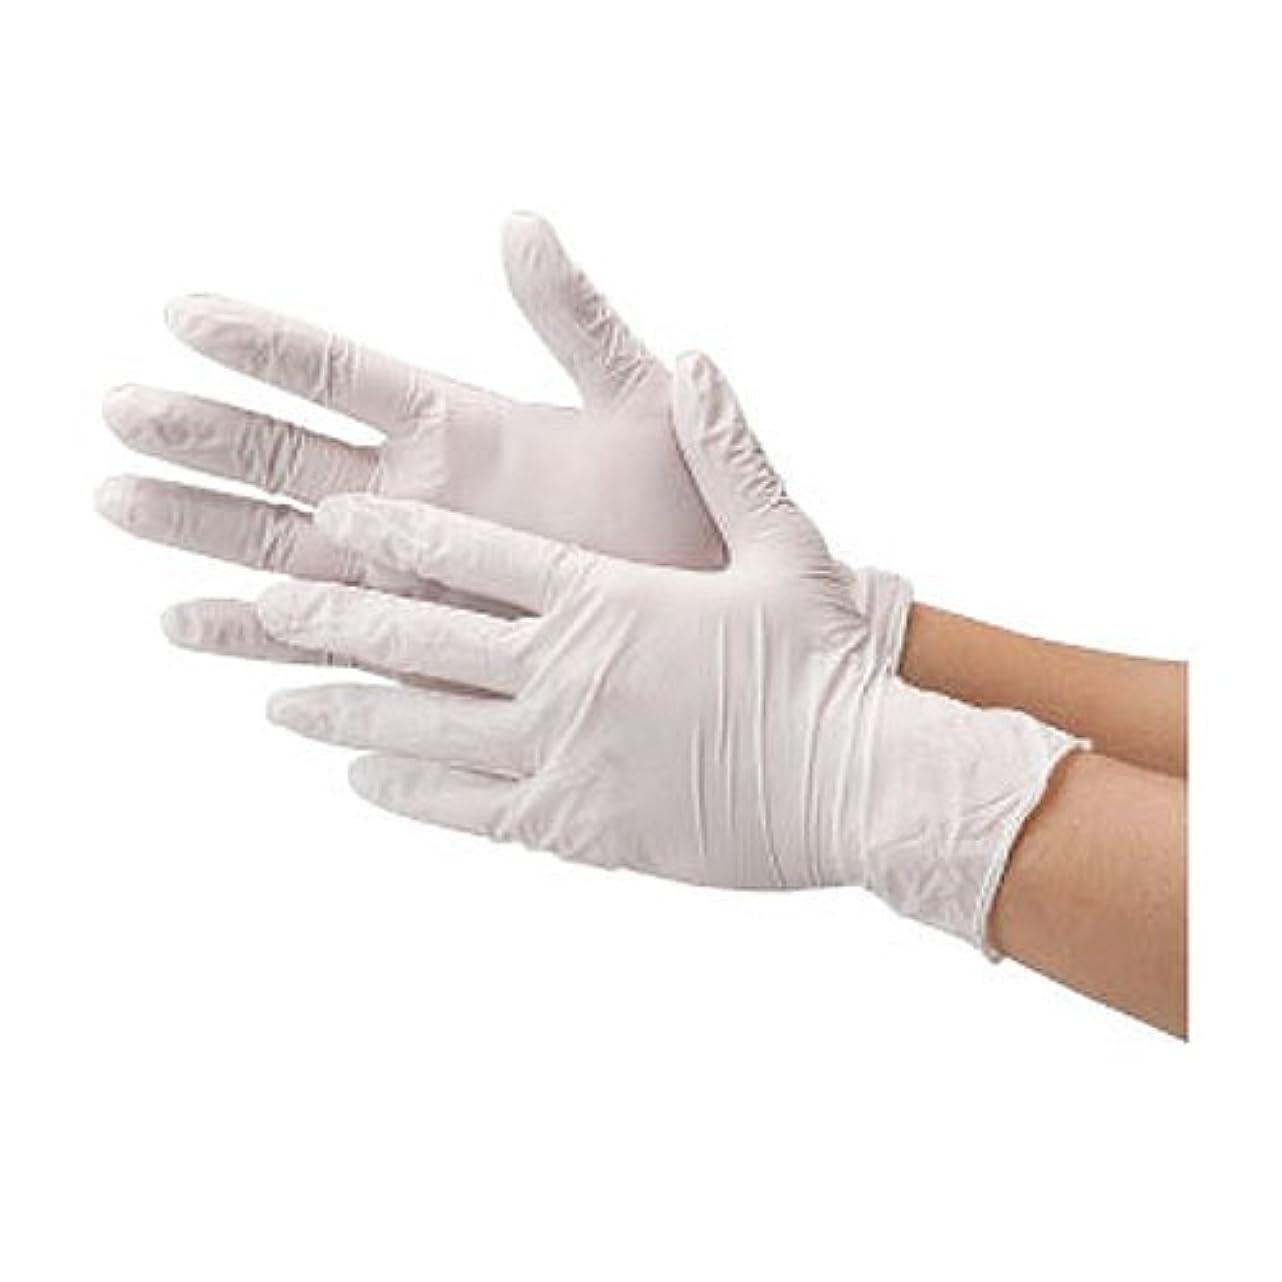 道に迷いました裁判官こどもの日川西工業 ニトリル 使いきり手袋 ストロング 粉無 100枚入り 2037 ホワイトSS